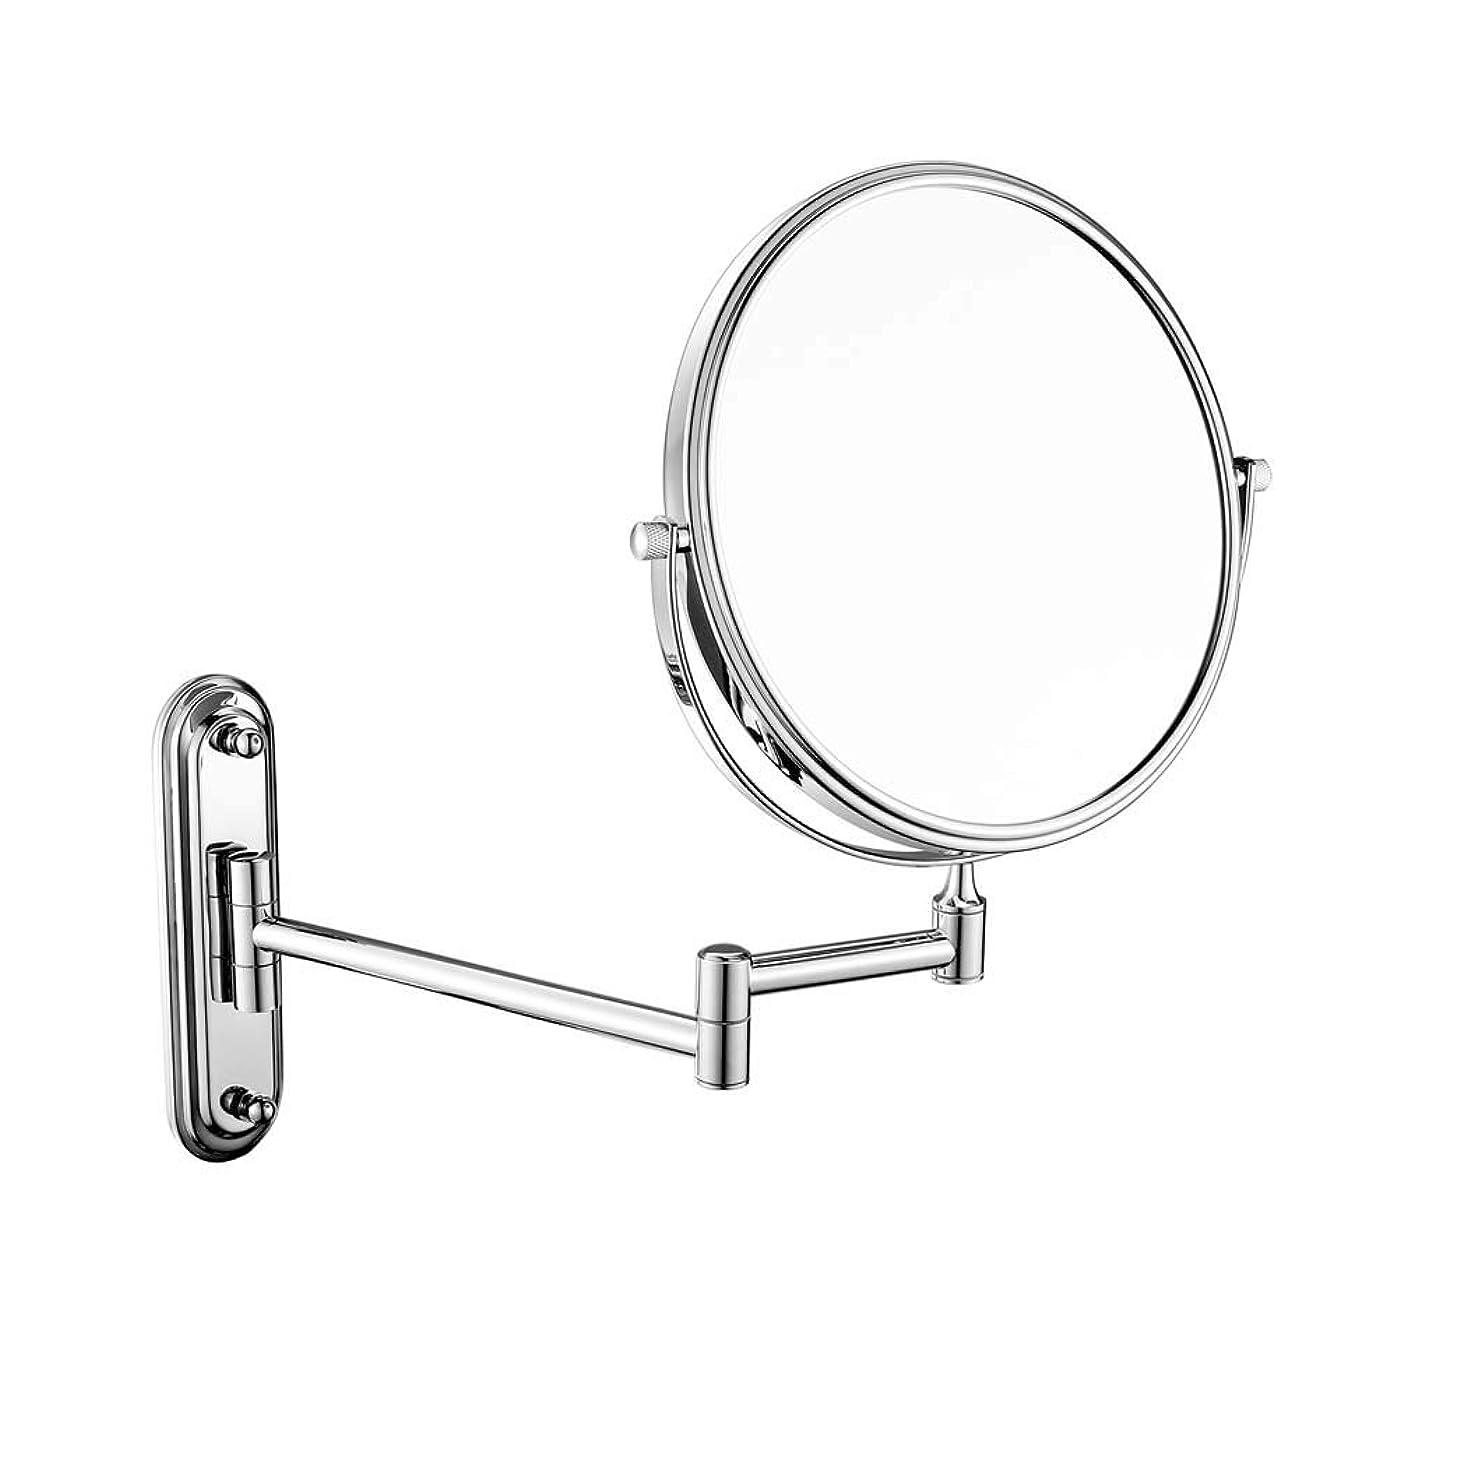 滝容赦ない値壁掛け浴室用ミラー両面化粧鏡3倍/ 5倍/ 7倍/ 10倍拡大虚栄心拡大鏡回転、お風呂、スパ、ホテル用拡張可能 (色 : Metal, サイズ さいず : 8 inch-5x)